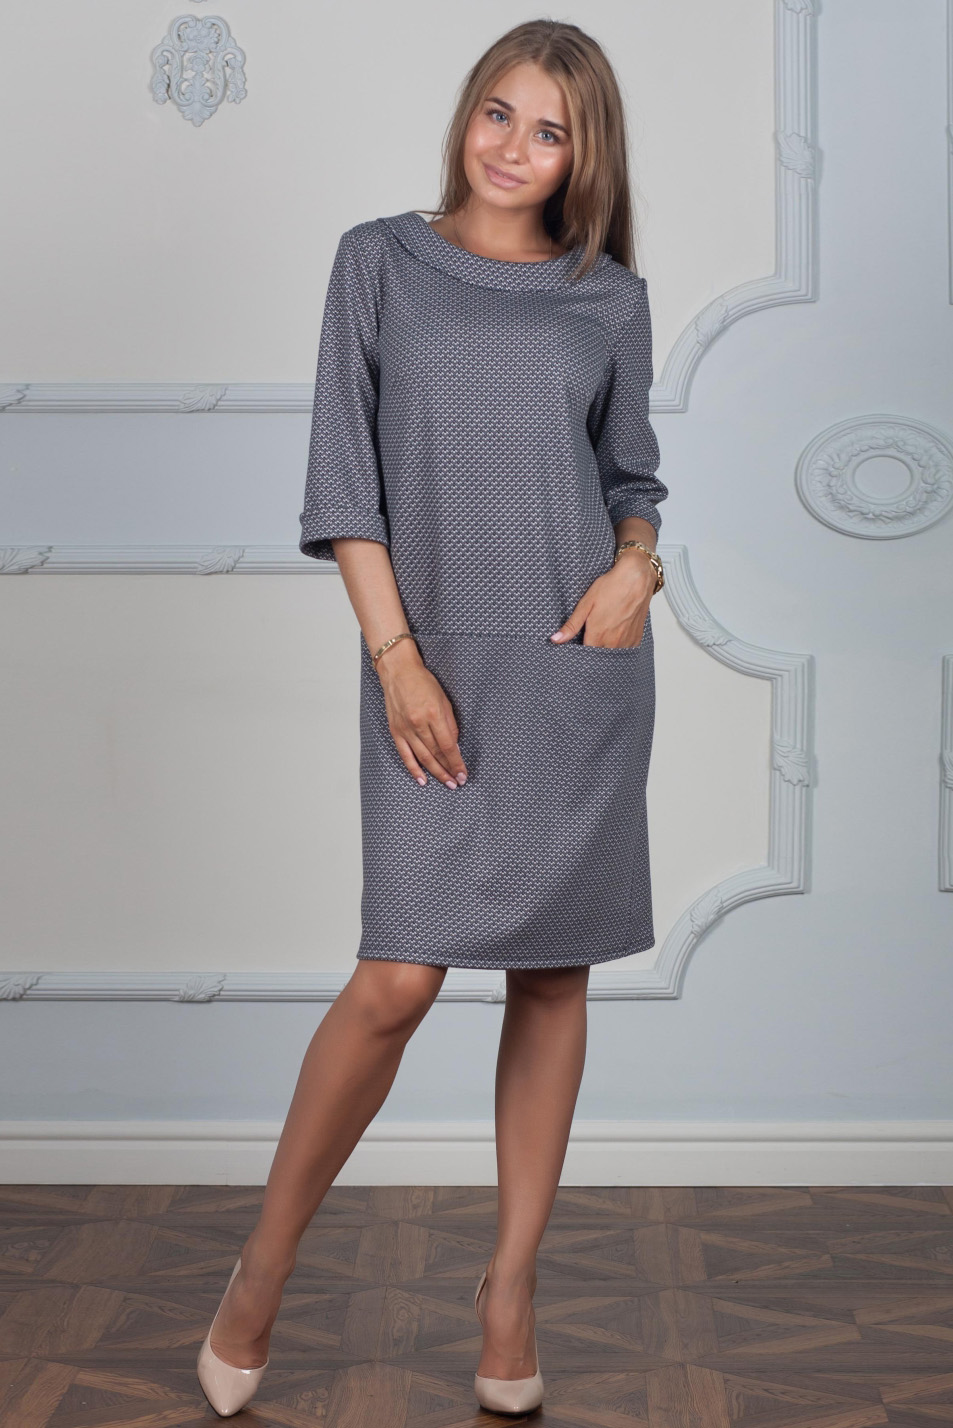 ПлатьеПлатья<br>Нарядное платье прямого силуэта с гипюровой вставкой на спинке.  Длина изделия: 42-44 размеры - 95 см, 46-48 размеры - 98 см,  50-52 размера - 106 см, 54-56 размеры - 110 см.  Цвет: серый  Ростовка изделия 170 см.<br><br>Воротник: Отложной<br>По длине: До колена<br>По материалу: Вискоза,Гипюр,Трикотаж<br>По рисунку: С принтом<br>По силуэту: Прямые<br>По стилю: Нарядный стиль,Повседневный стиль<br>По элементам: С карманами<br>Рукав: Рукав три четверти<br>По сезону: Осень,Весна,Зима<br>Размер : 42<br>Материал: Джерси<br>Количество в наличии: 1